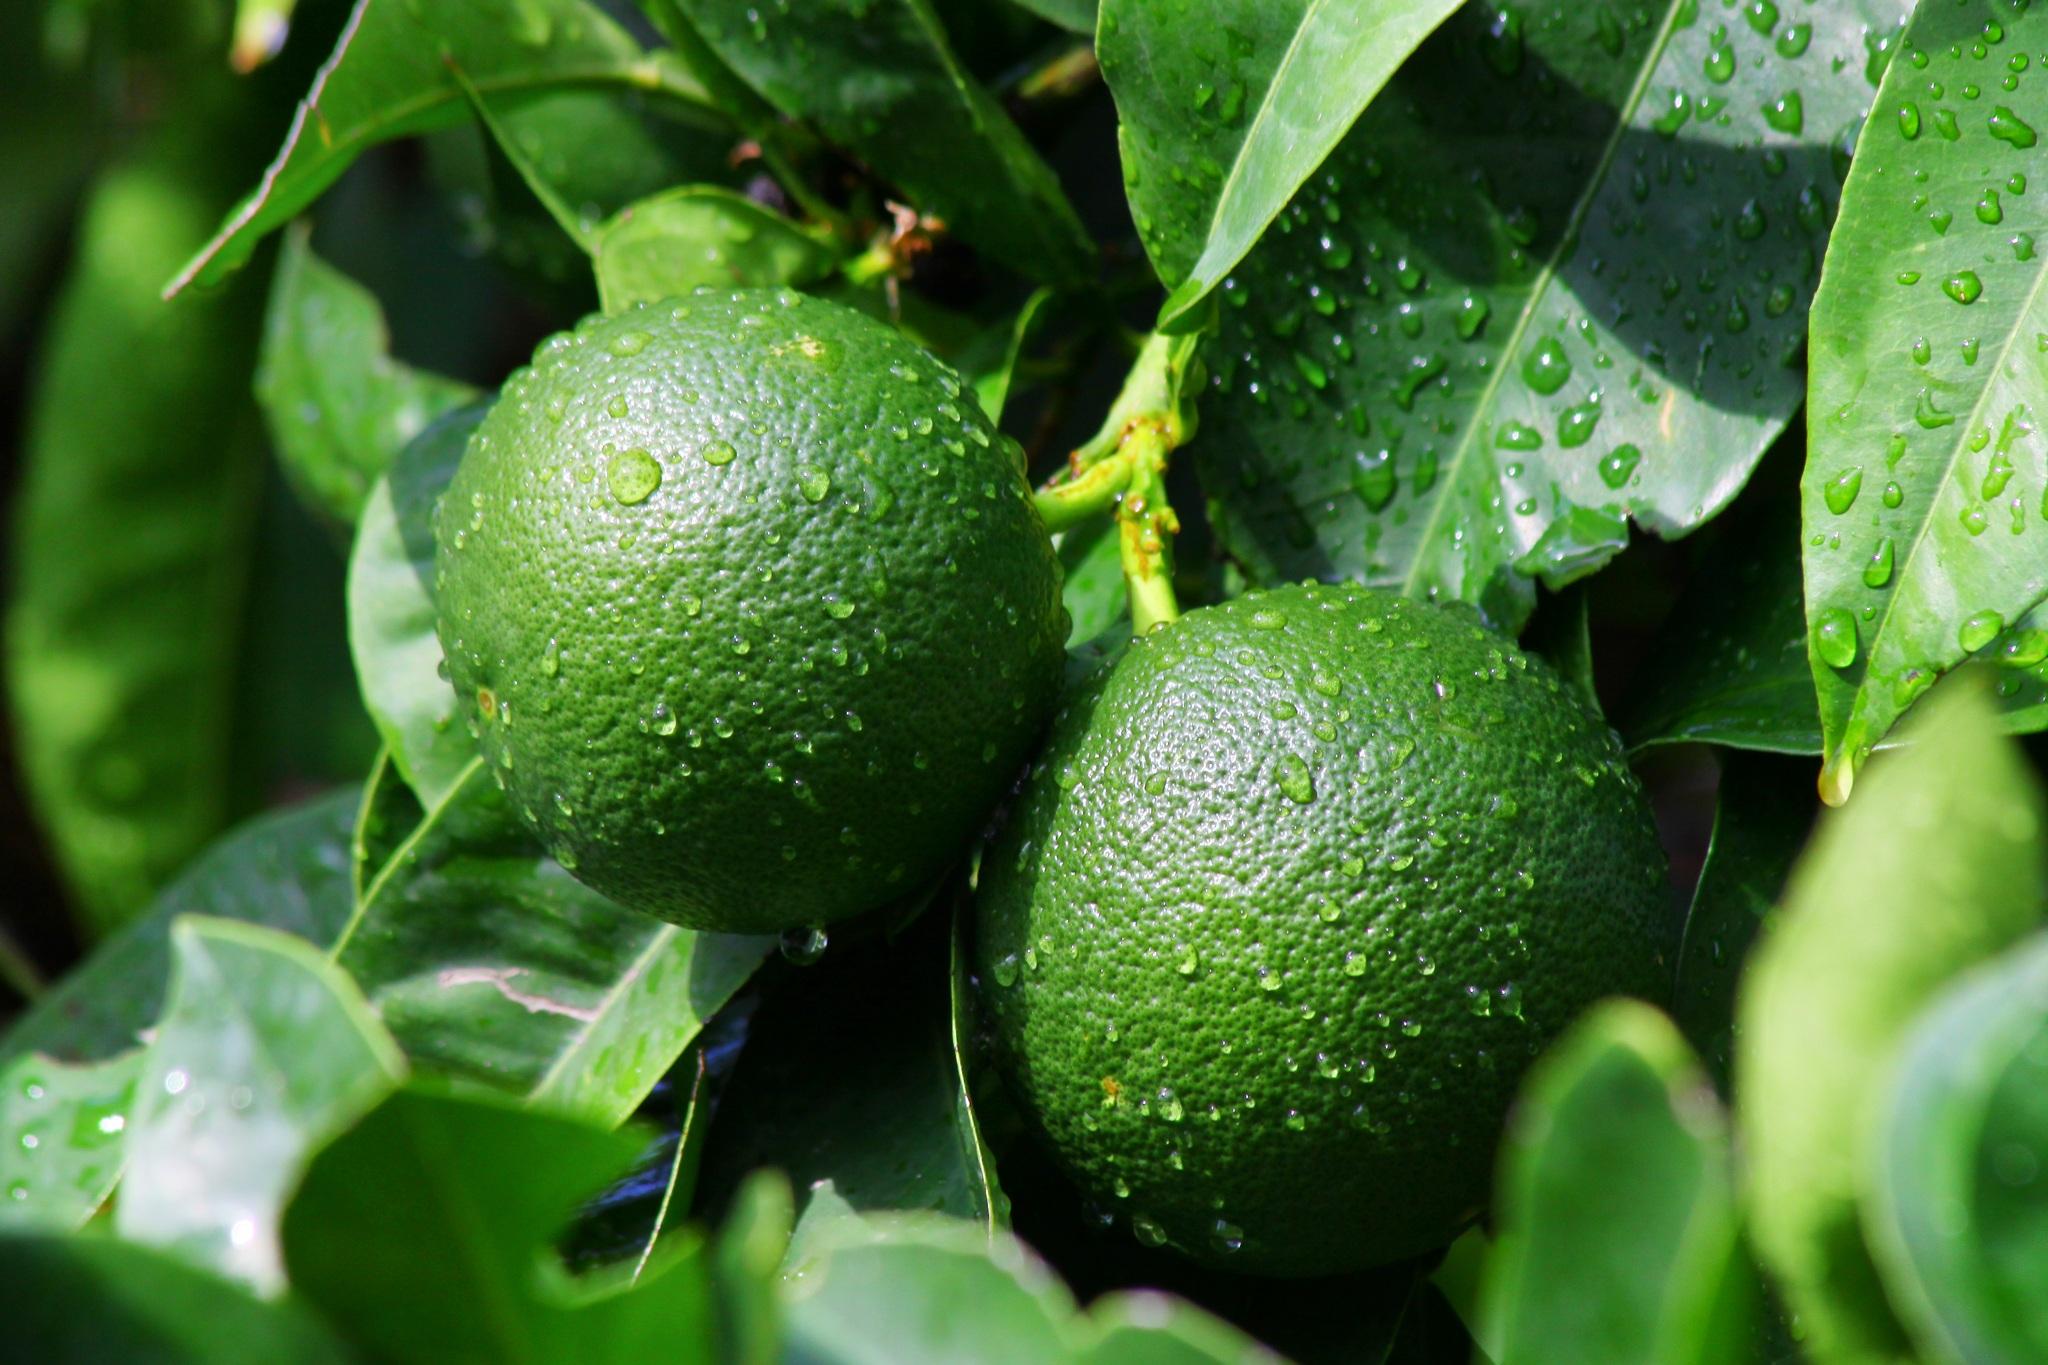 фотографии фрукта лайм без подколов, тостушек